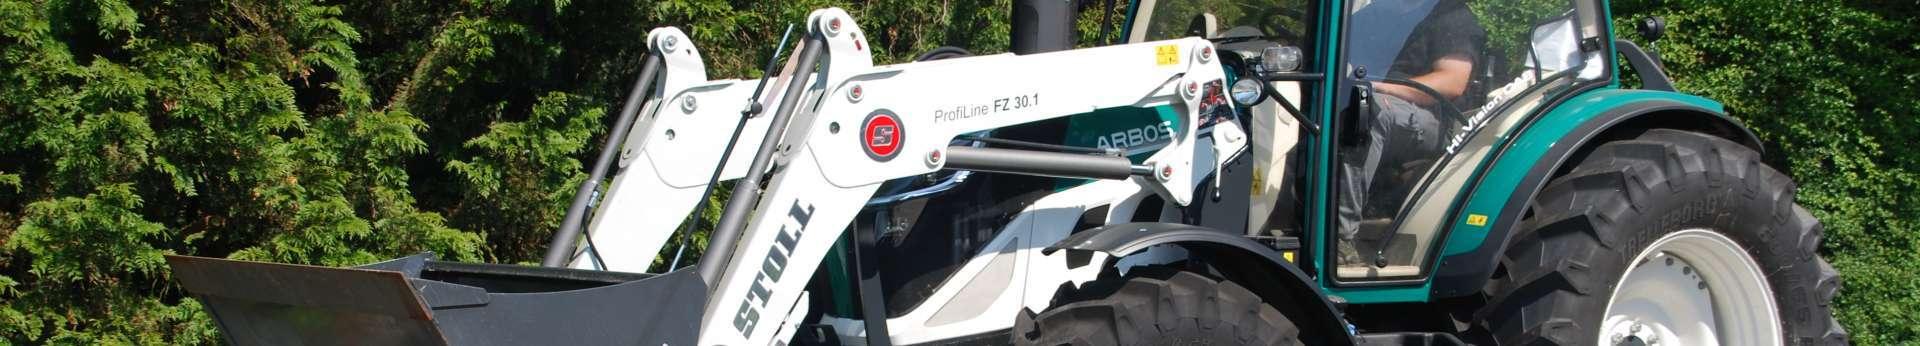 biały ładowacz czołowy stoll profiline typ fz 30.1 na zielonym ciągniku rolniczym arbos 5130 Korbanek.pl